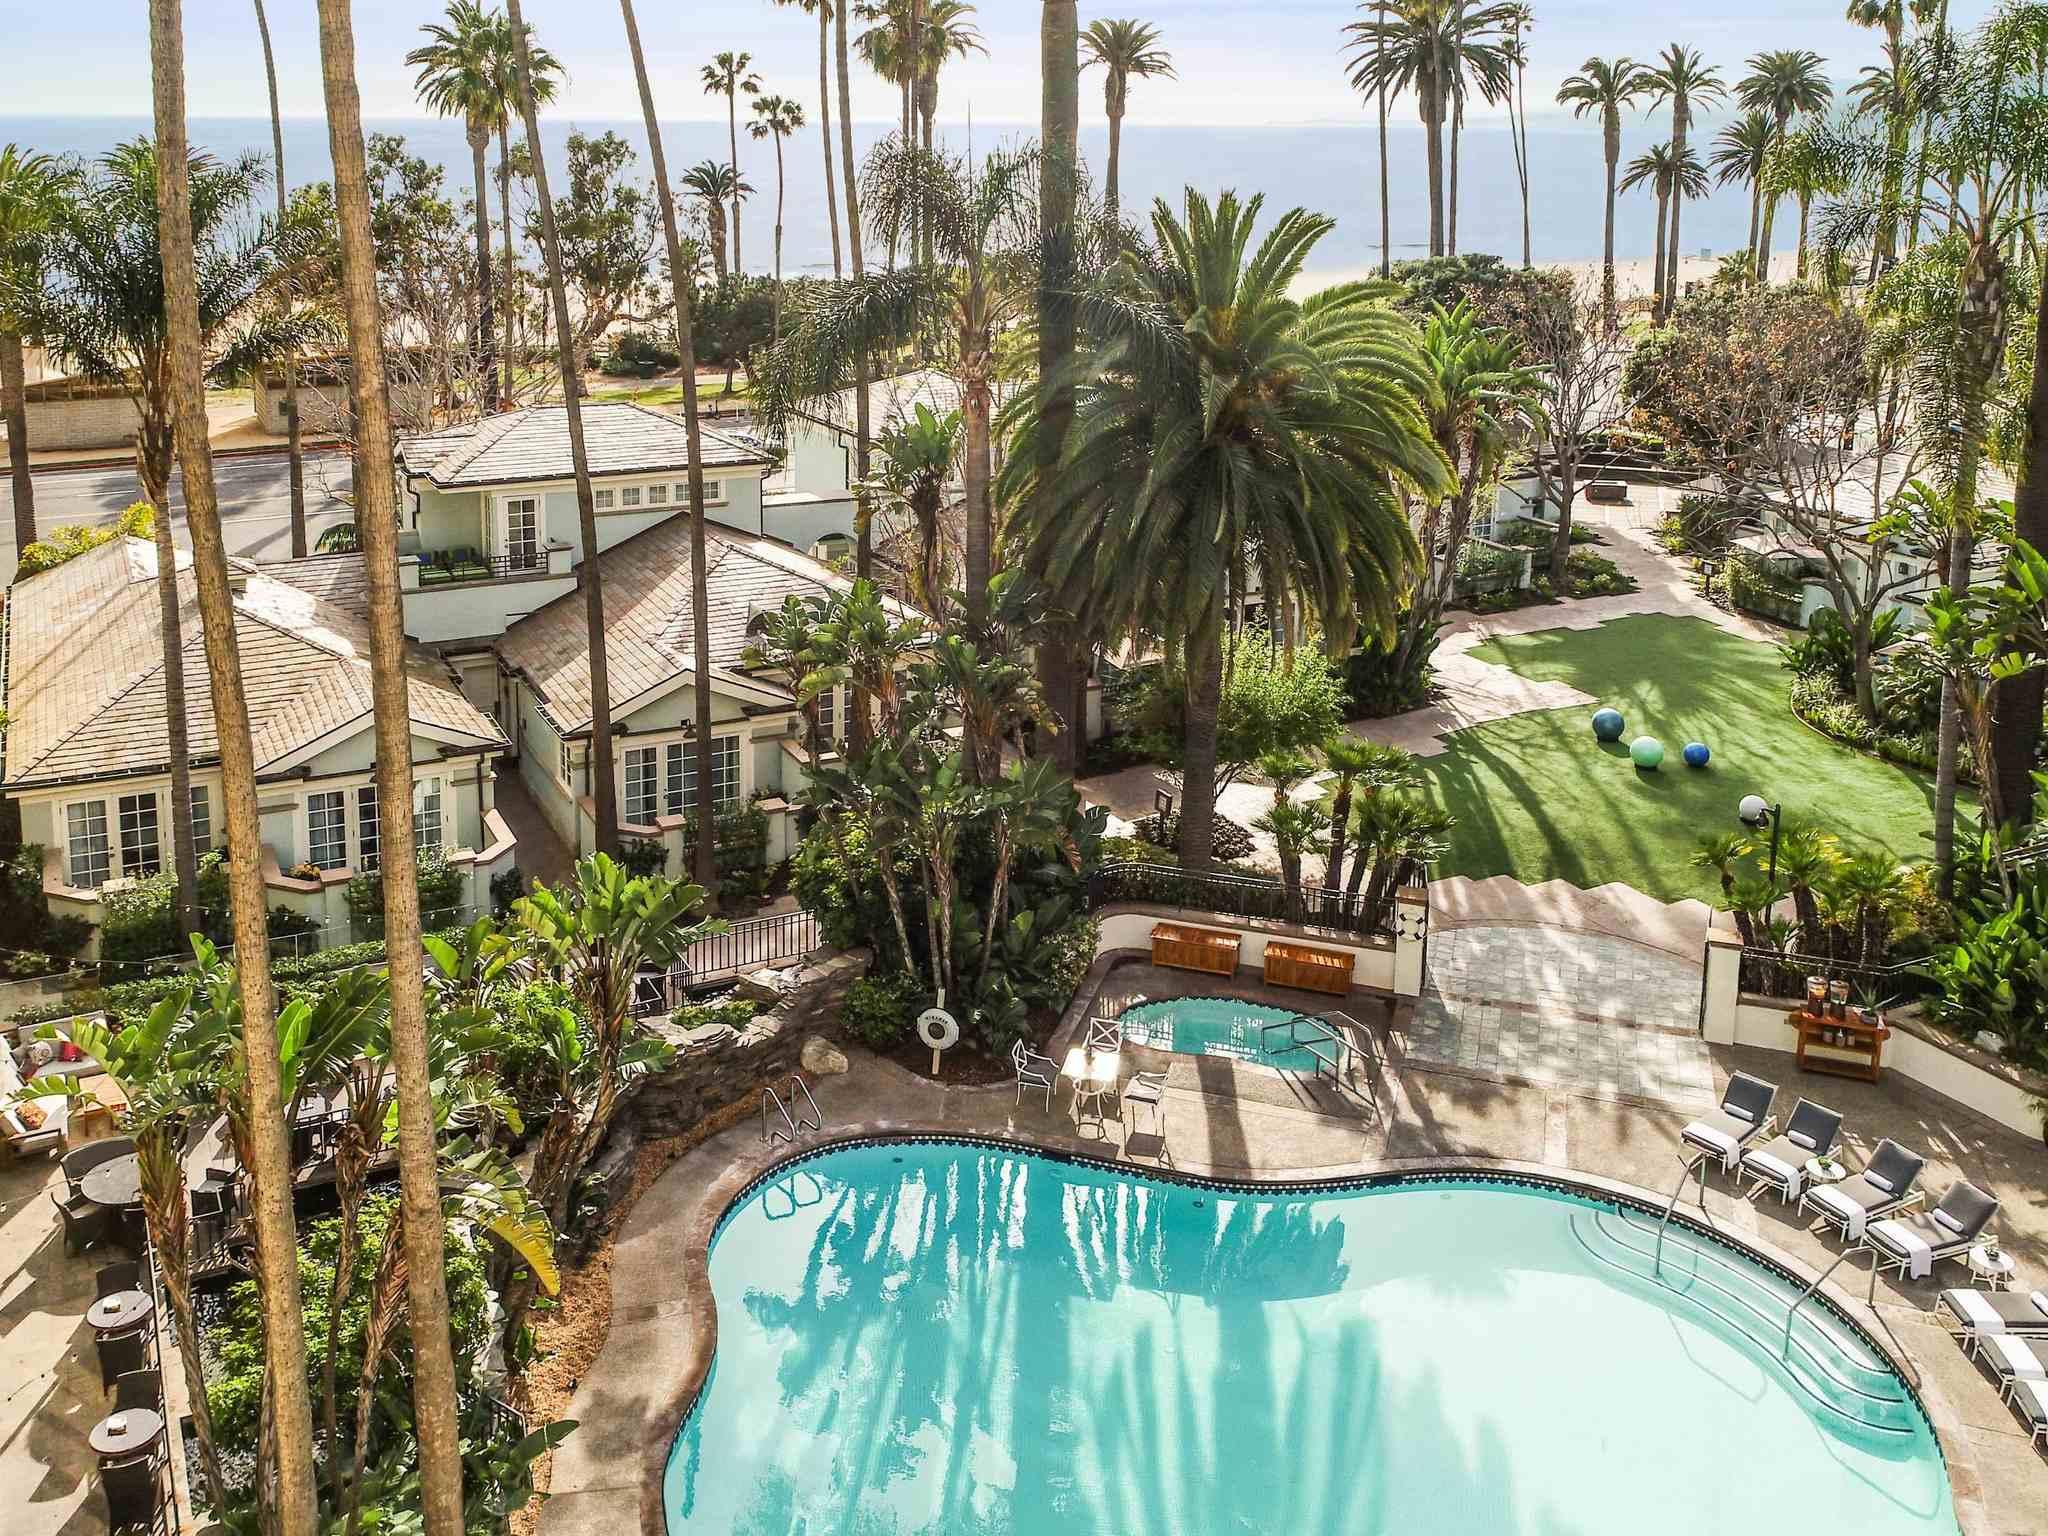 โรงแรม – Fairmont Miramar - Hotel & Bungalows